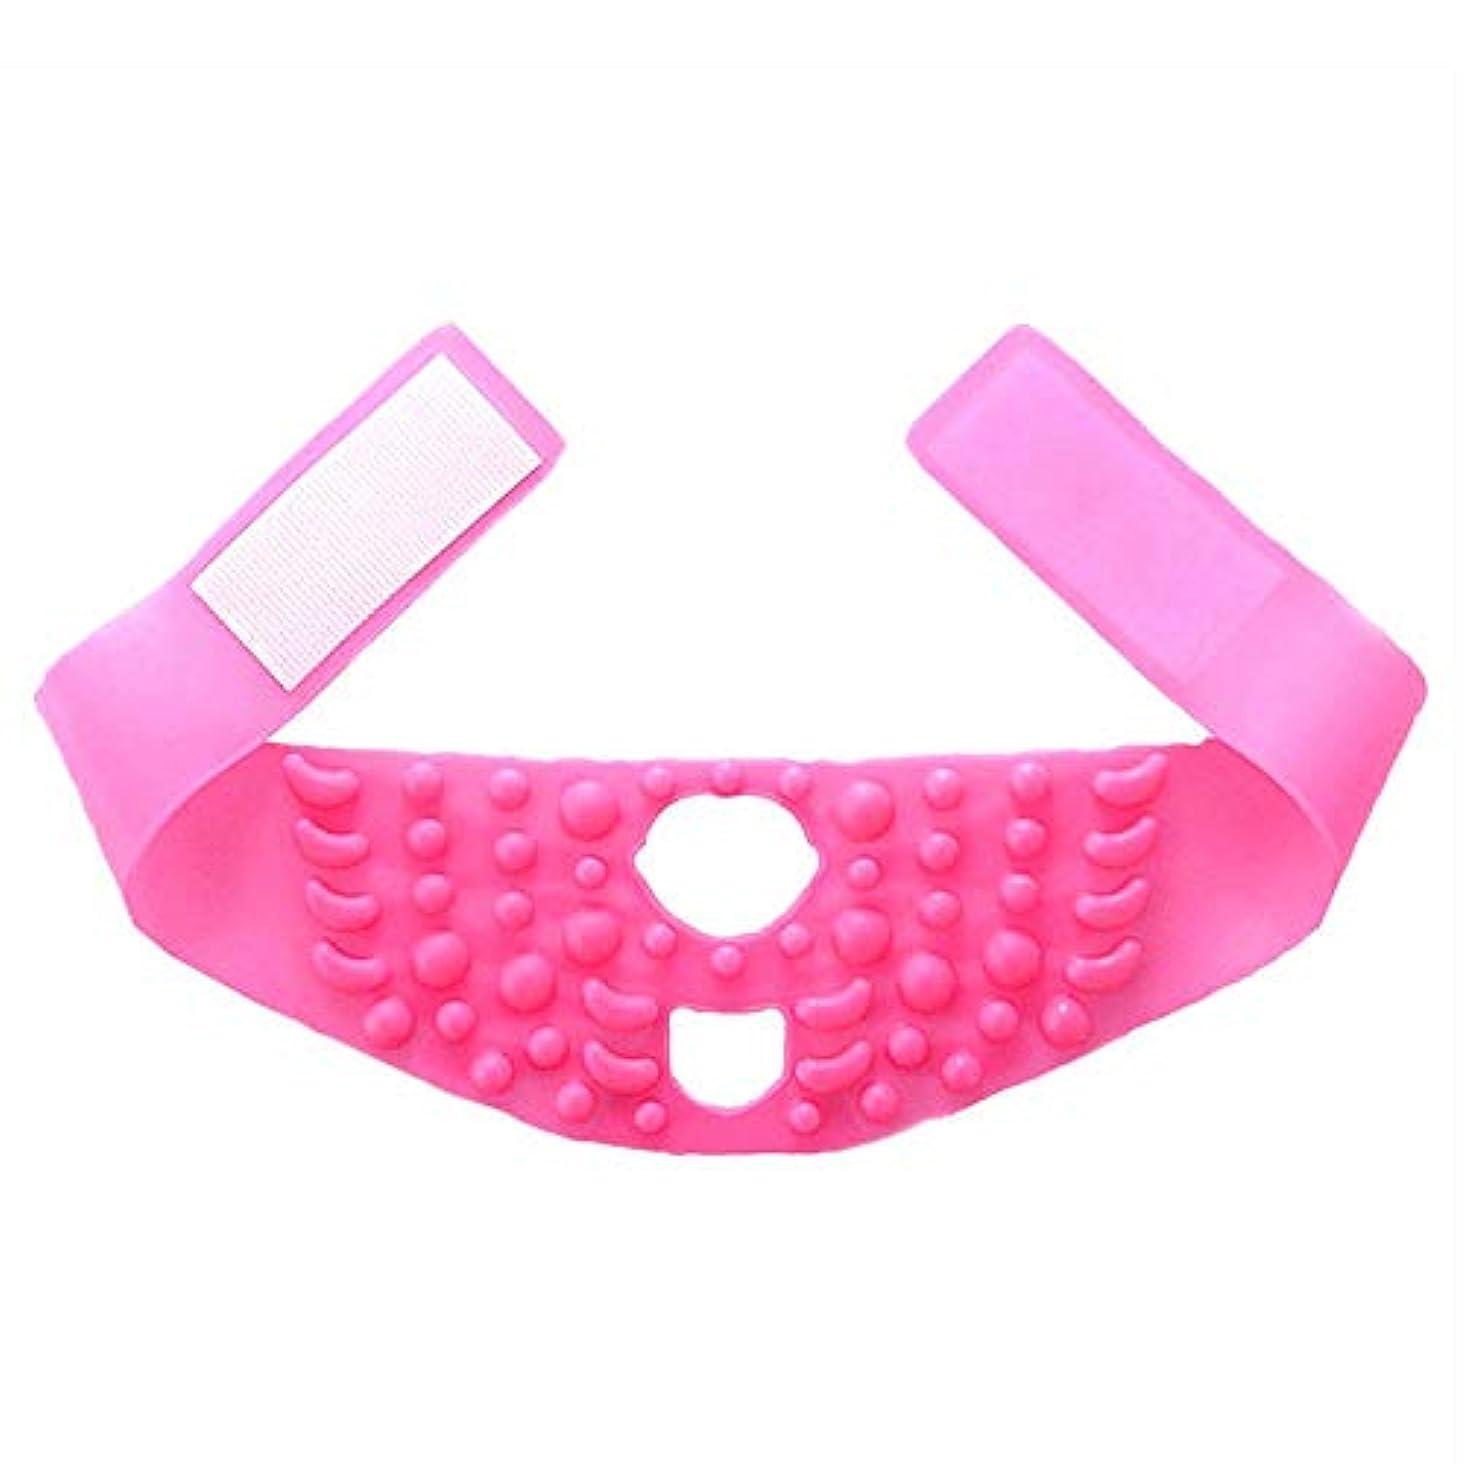 チケットセンサー服を着るシンフェイスマスクシリコーンマッサージ引き締まった形の小さなVフェイスリフティングに薄いフェイスアーティファクト包帯を飾る - ピンク